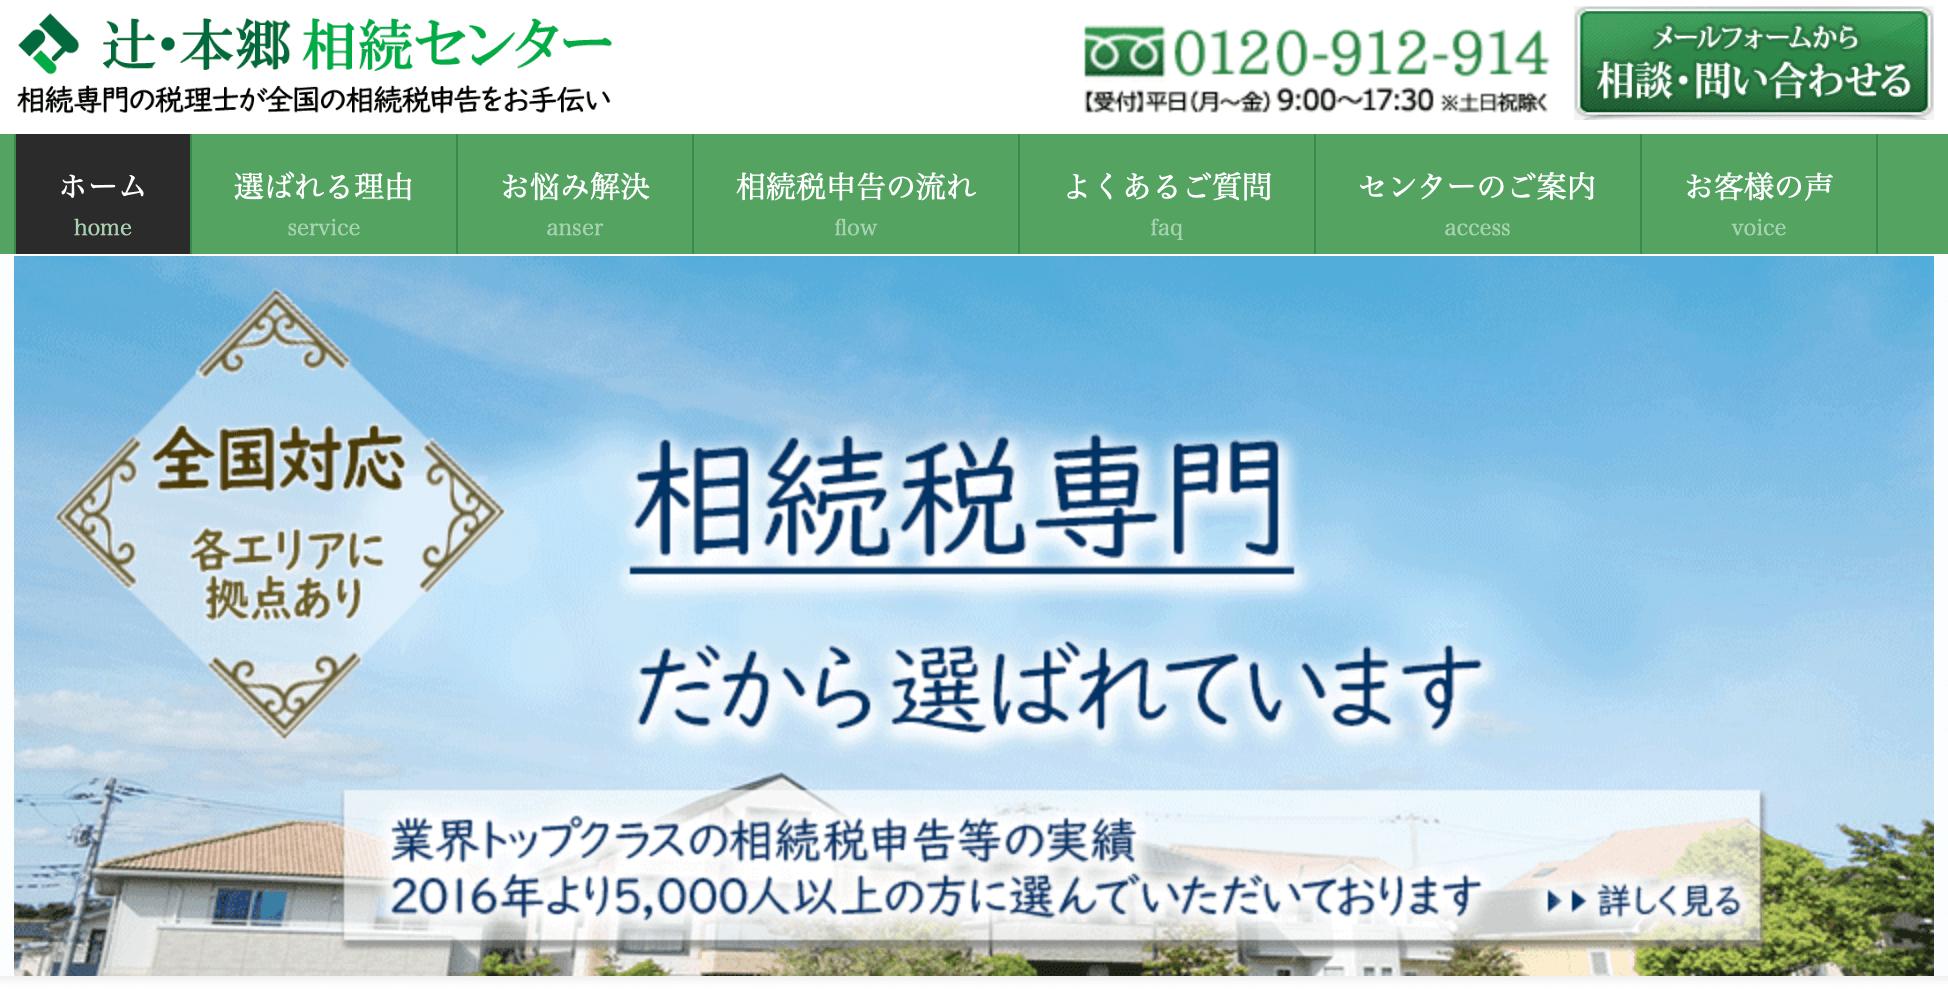 辻・本郷税理士法人の公式ページ